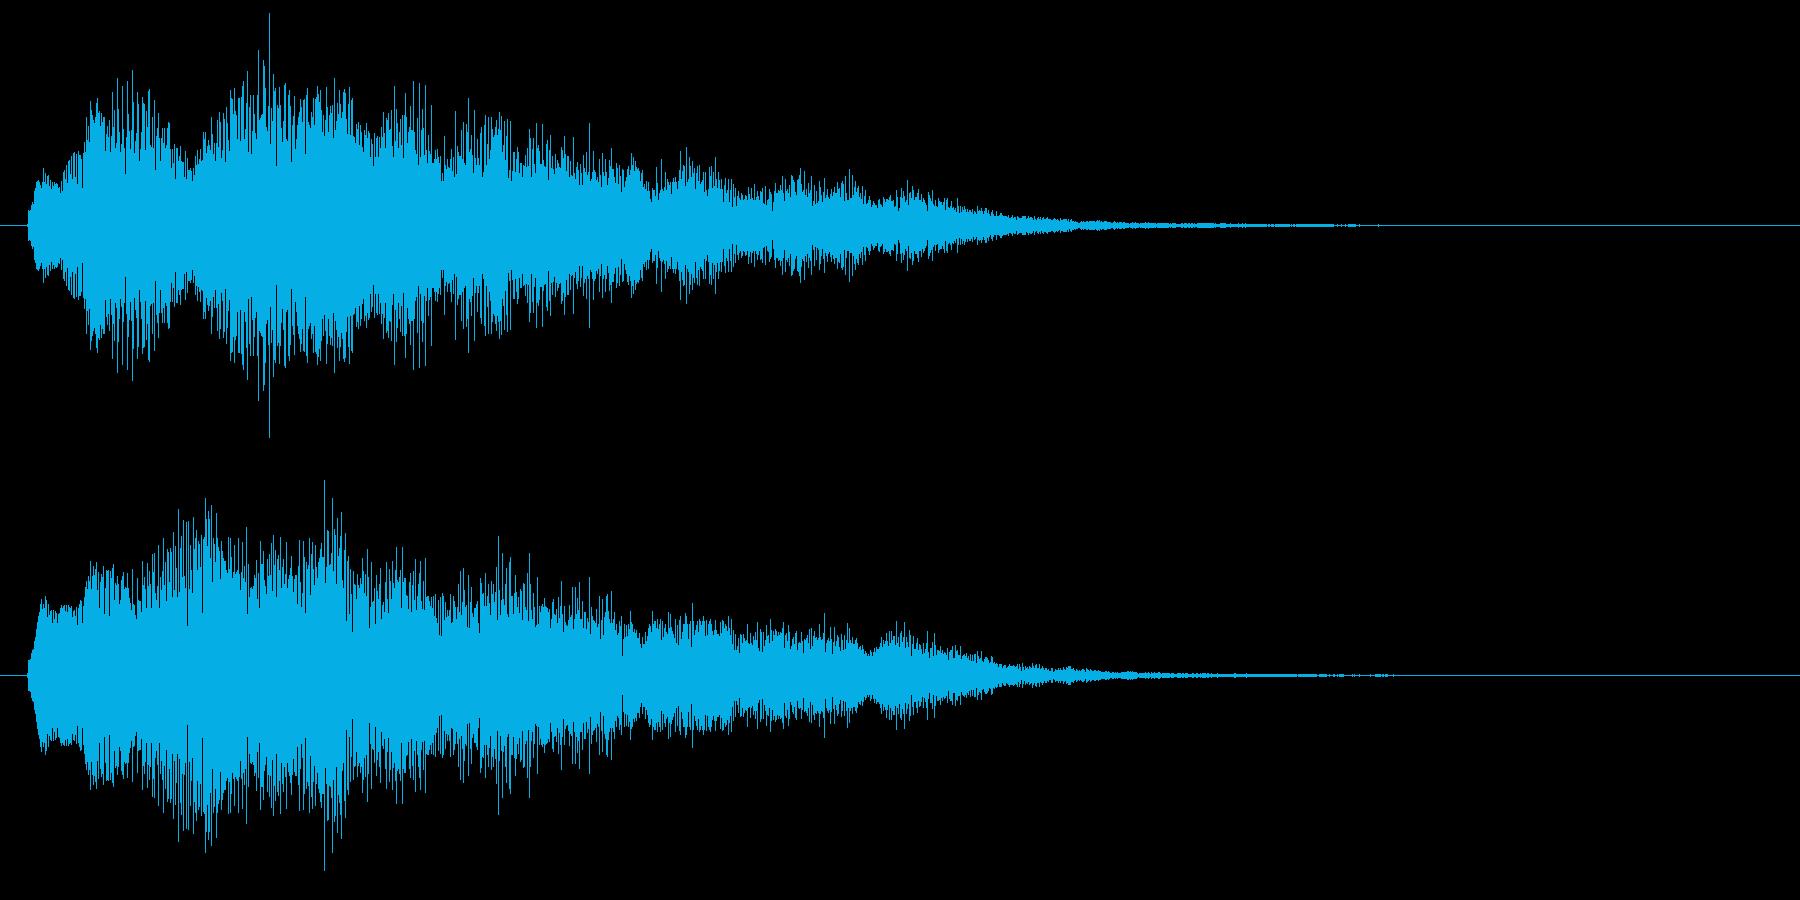 古いパソコンの起動音風ジングル3の再生済みの波形